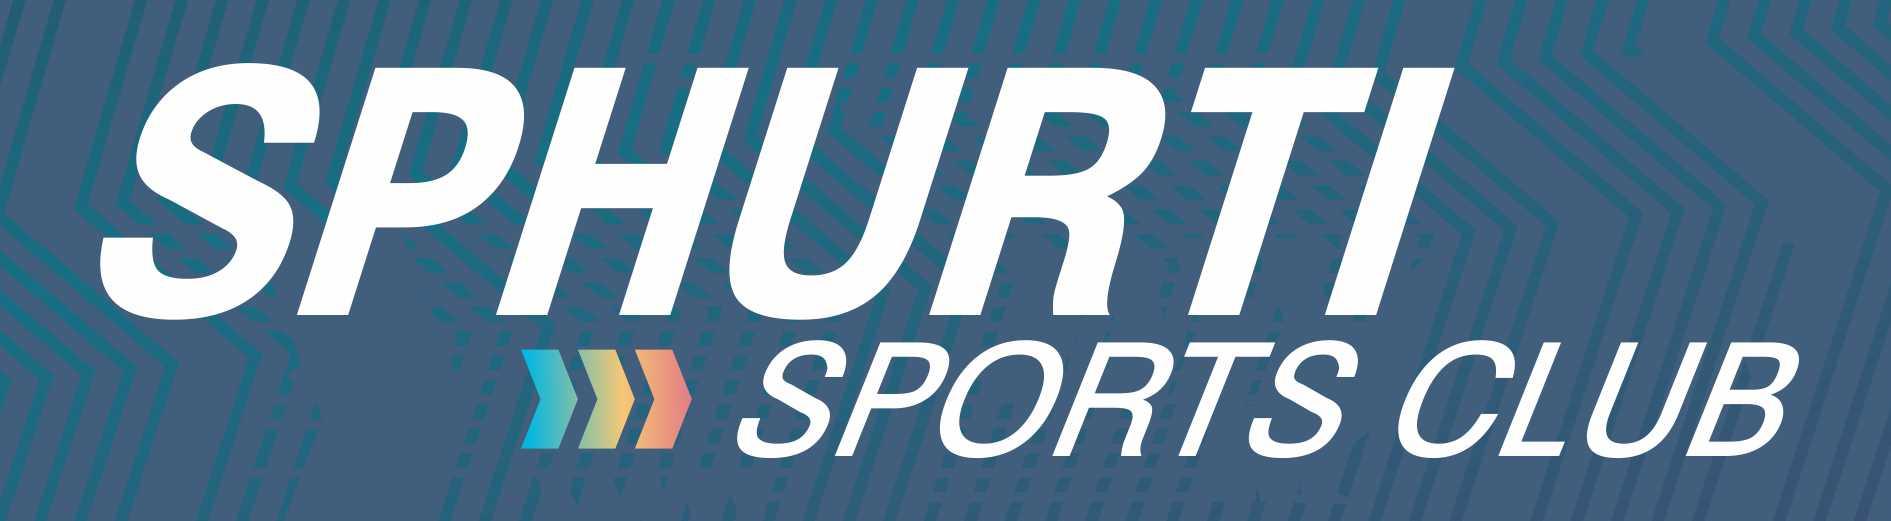 Sphurti logo